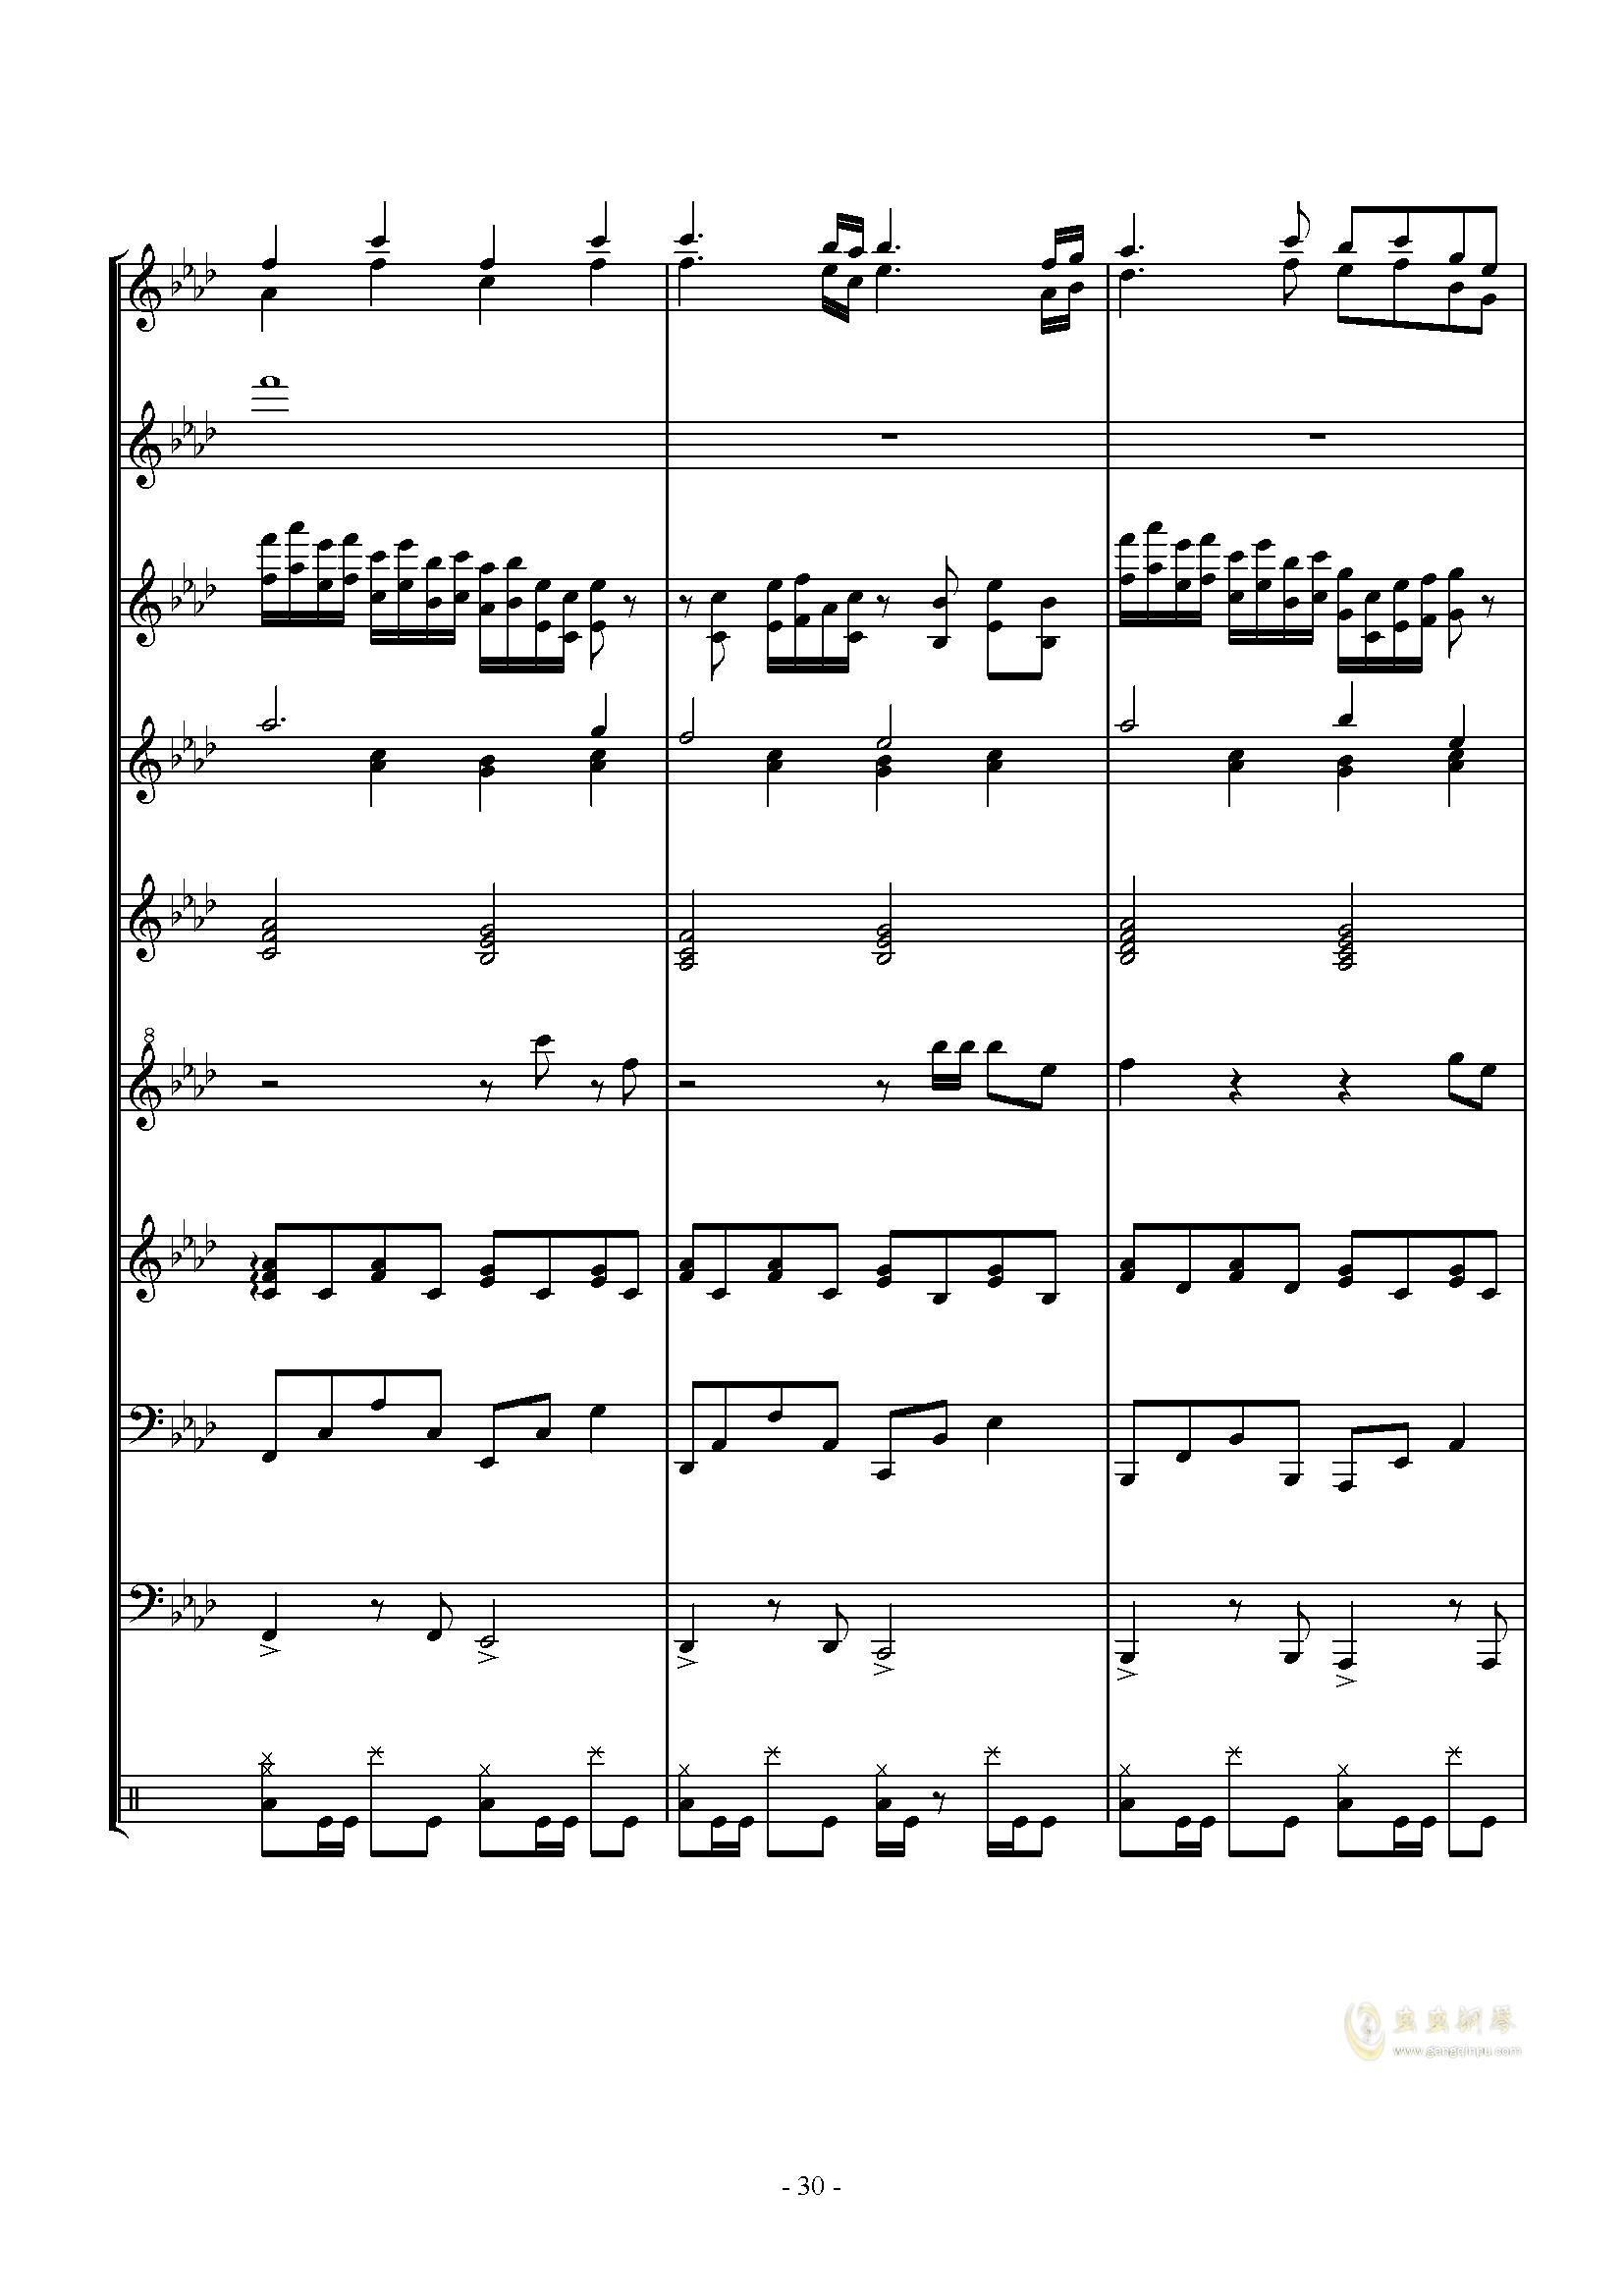 キミガタメ钢琴谱 第30页